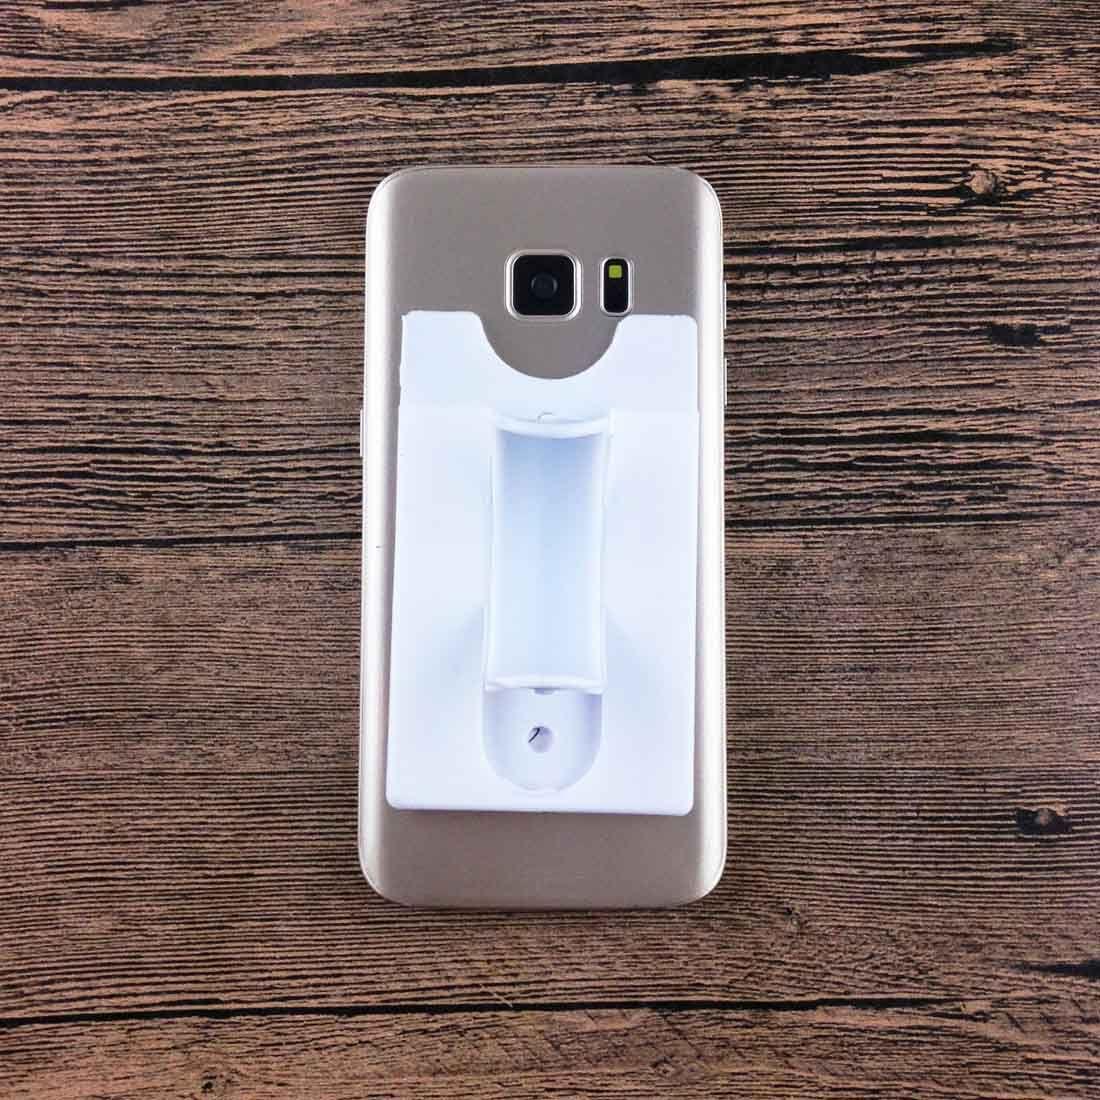 UI 3 mt Aufkleber Silikon Brieftasche Zurück Kreditkarte Ständer Halter Handyhalter Für handy silikon kartentasche mit stand halter 1 stücke